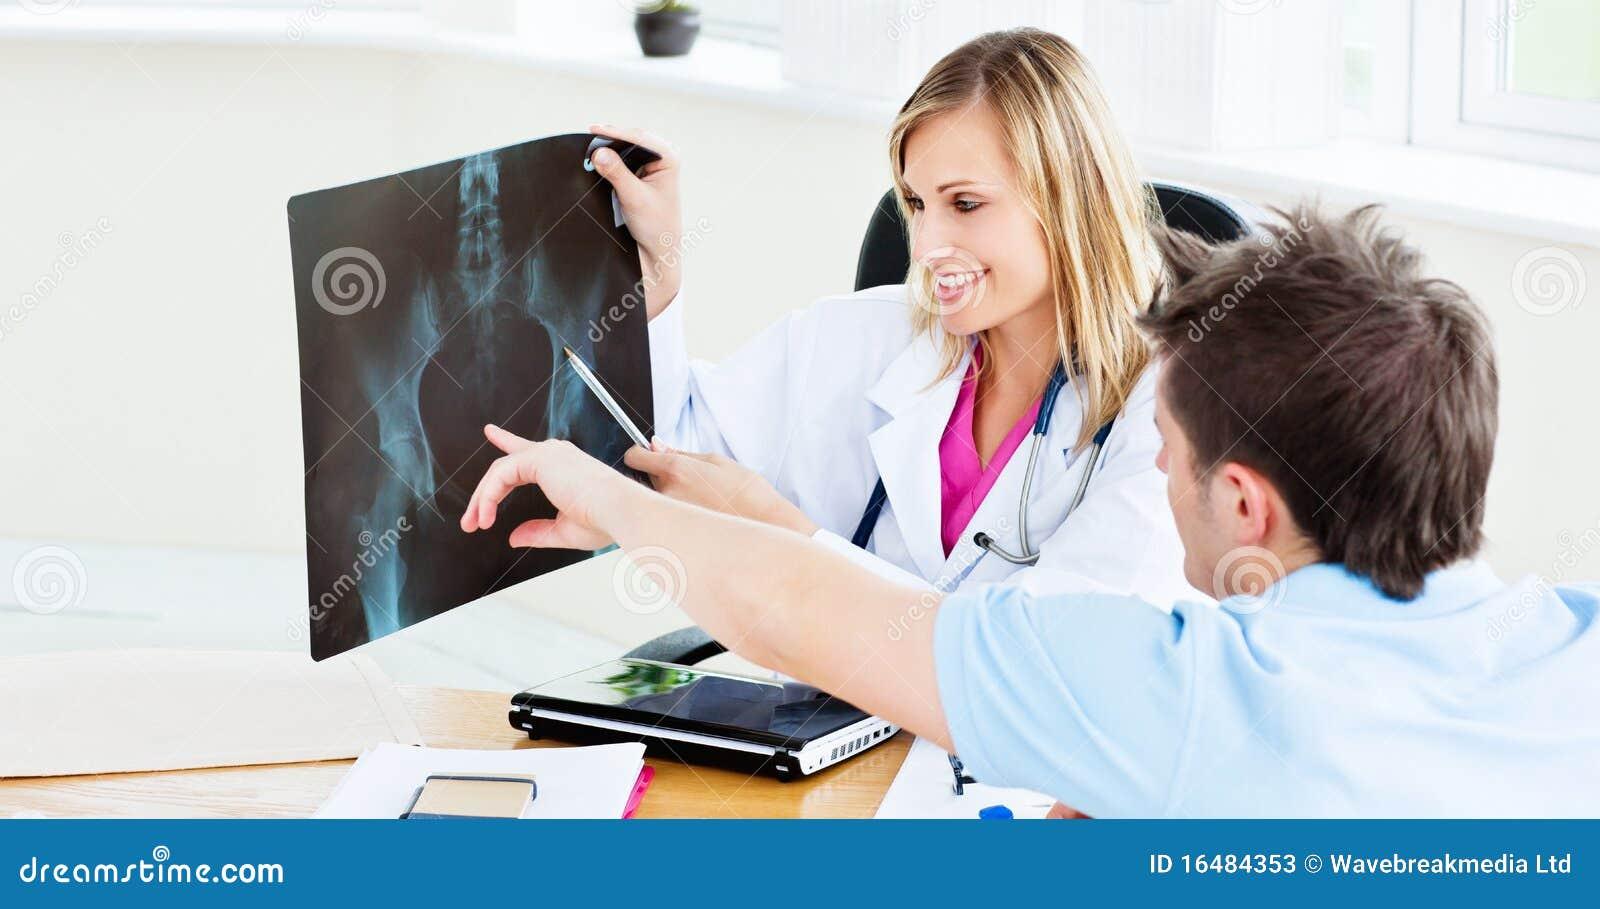 Blije vrouwelijke arts die een röntgenstraal toont aan een patiënt